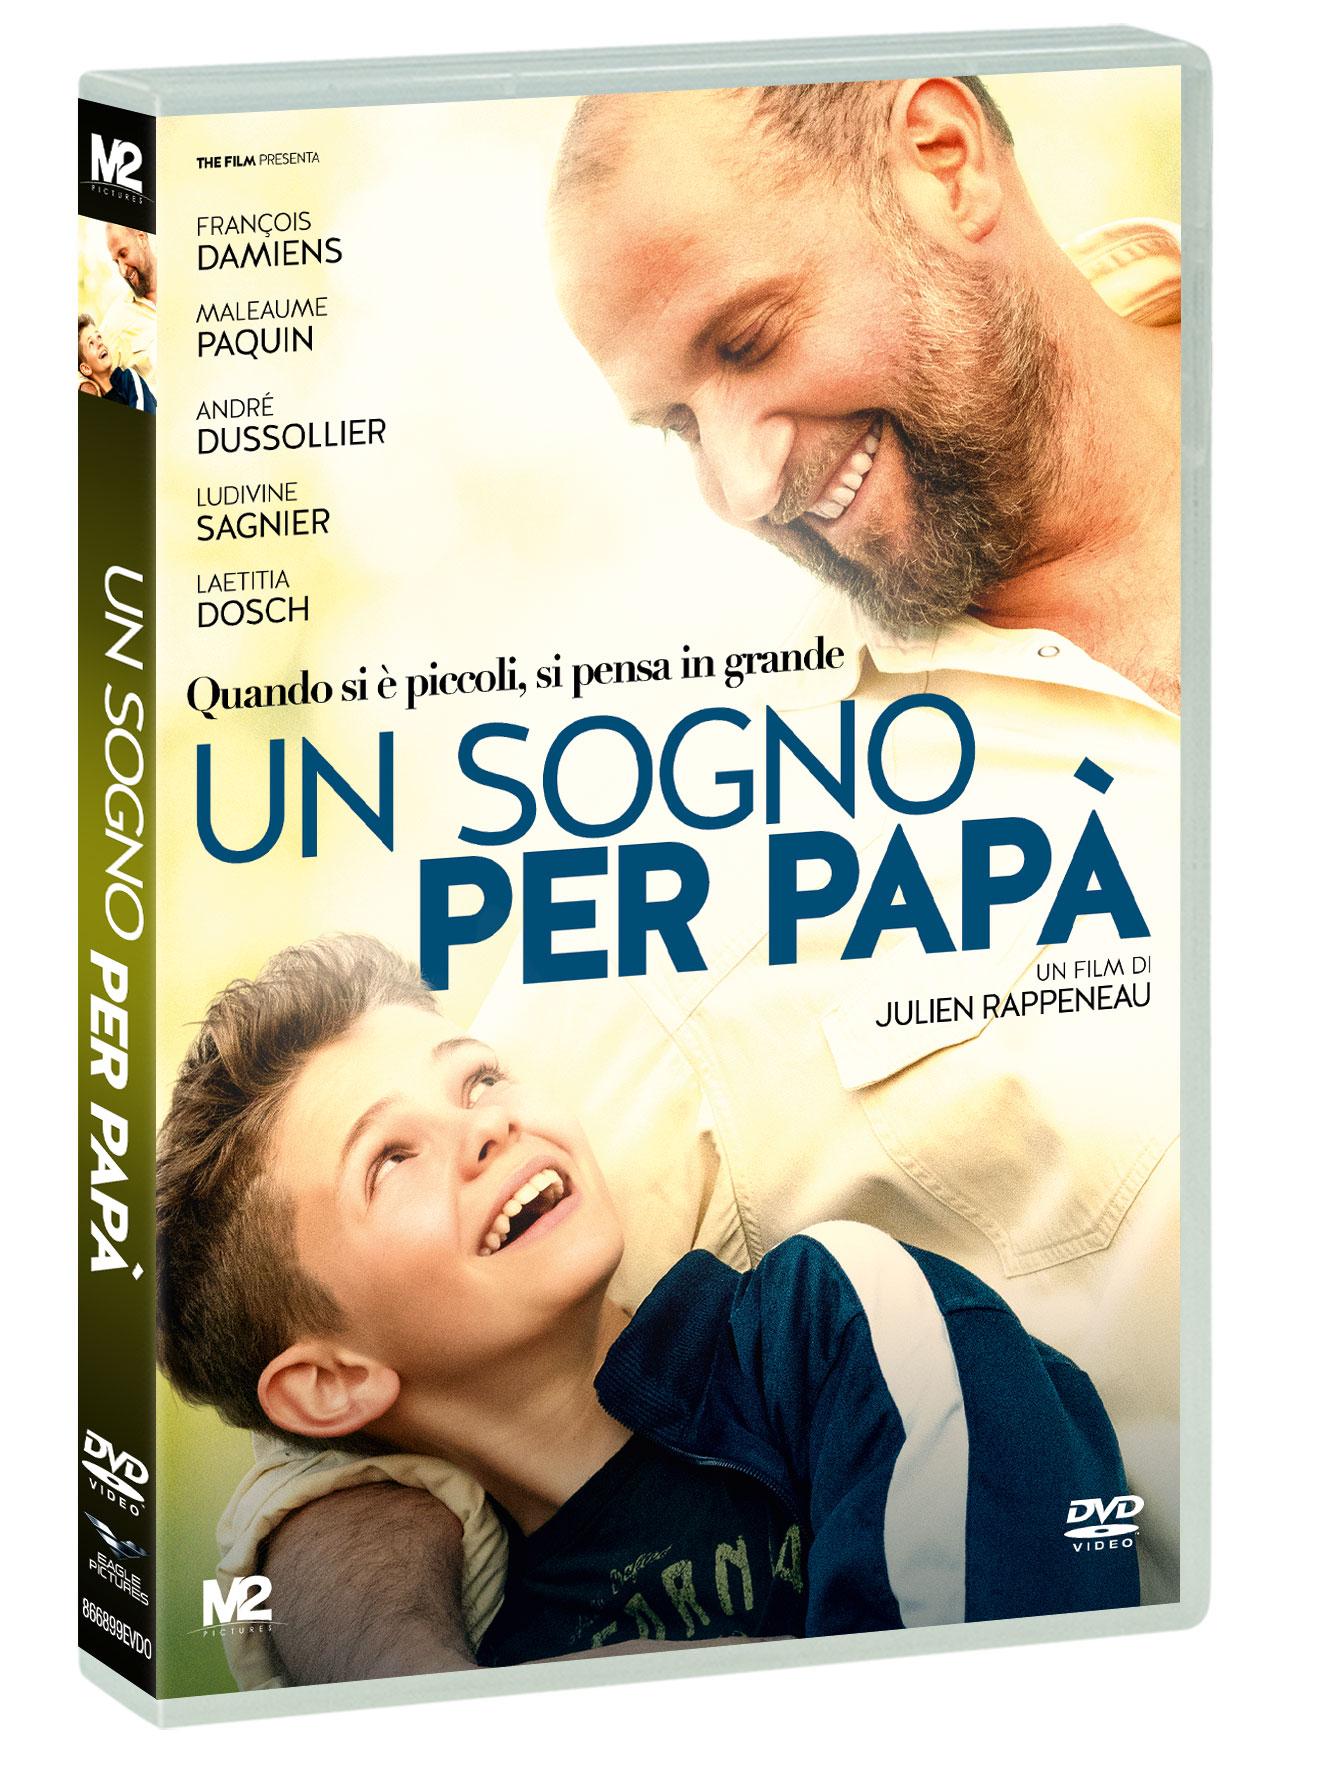 UN SOGNO PER PAPA' (DVD)